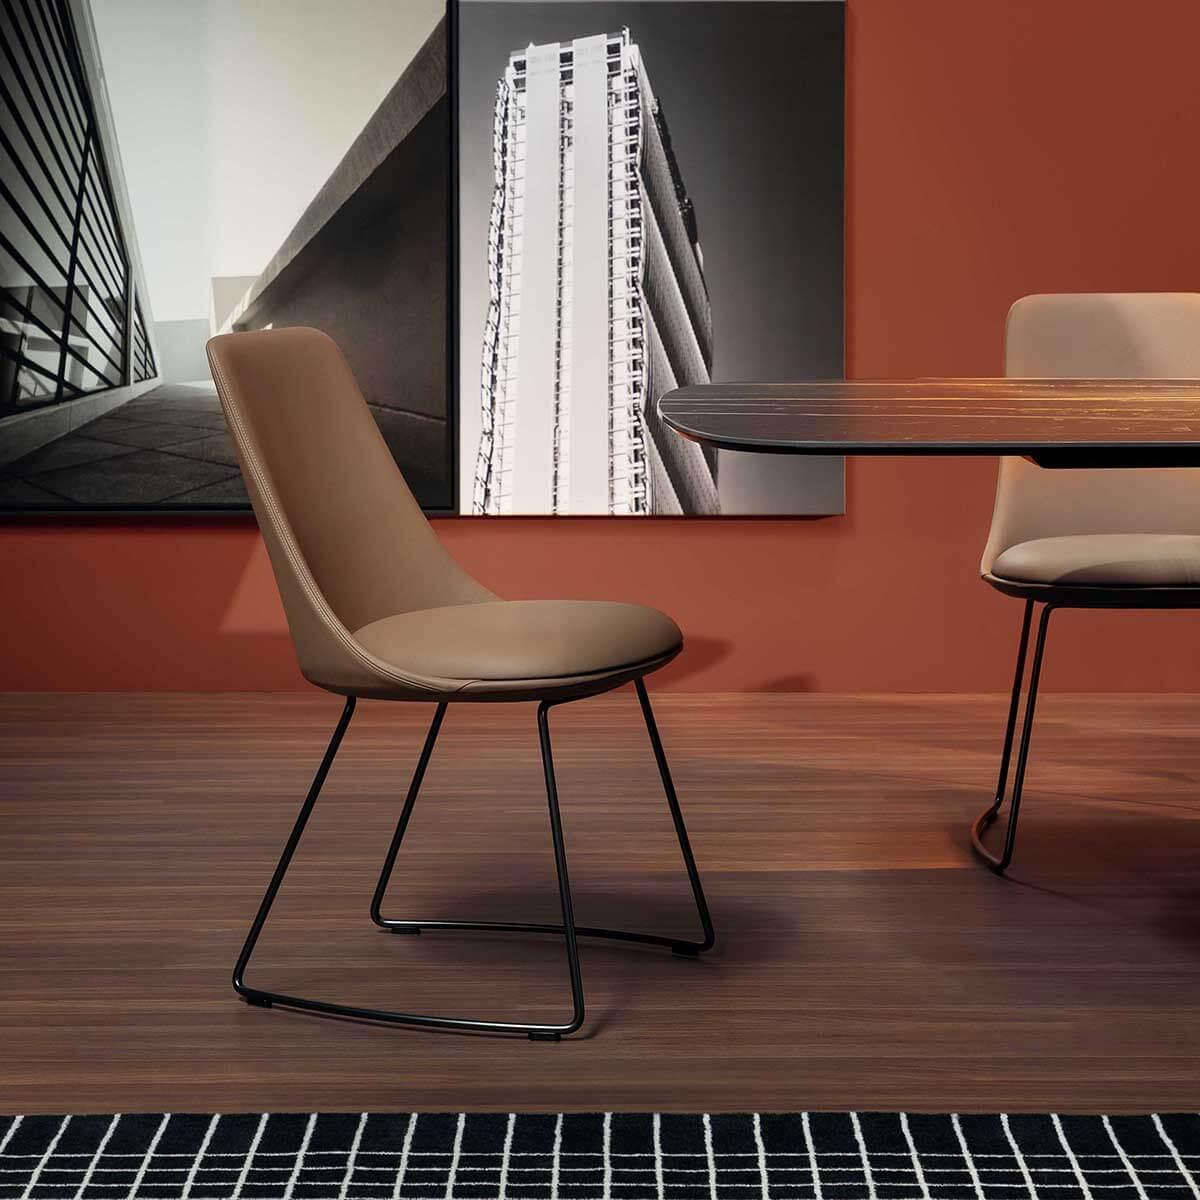 Трапезен стол Itala Si от Bonaldo, Италия